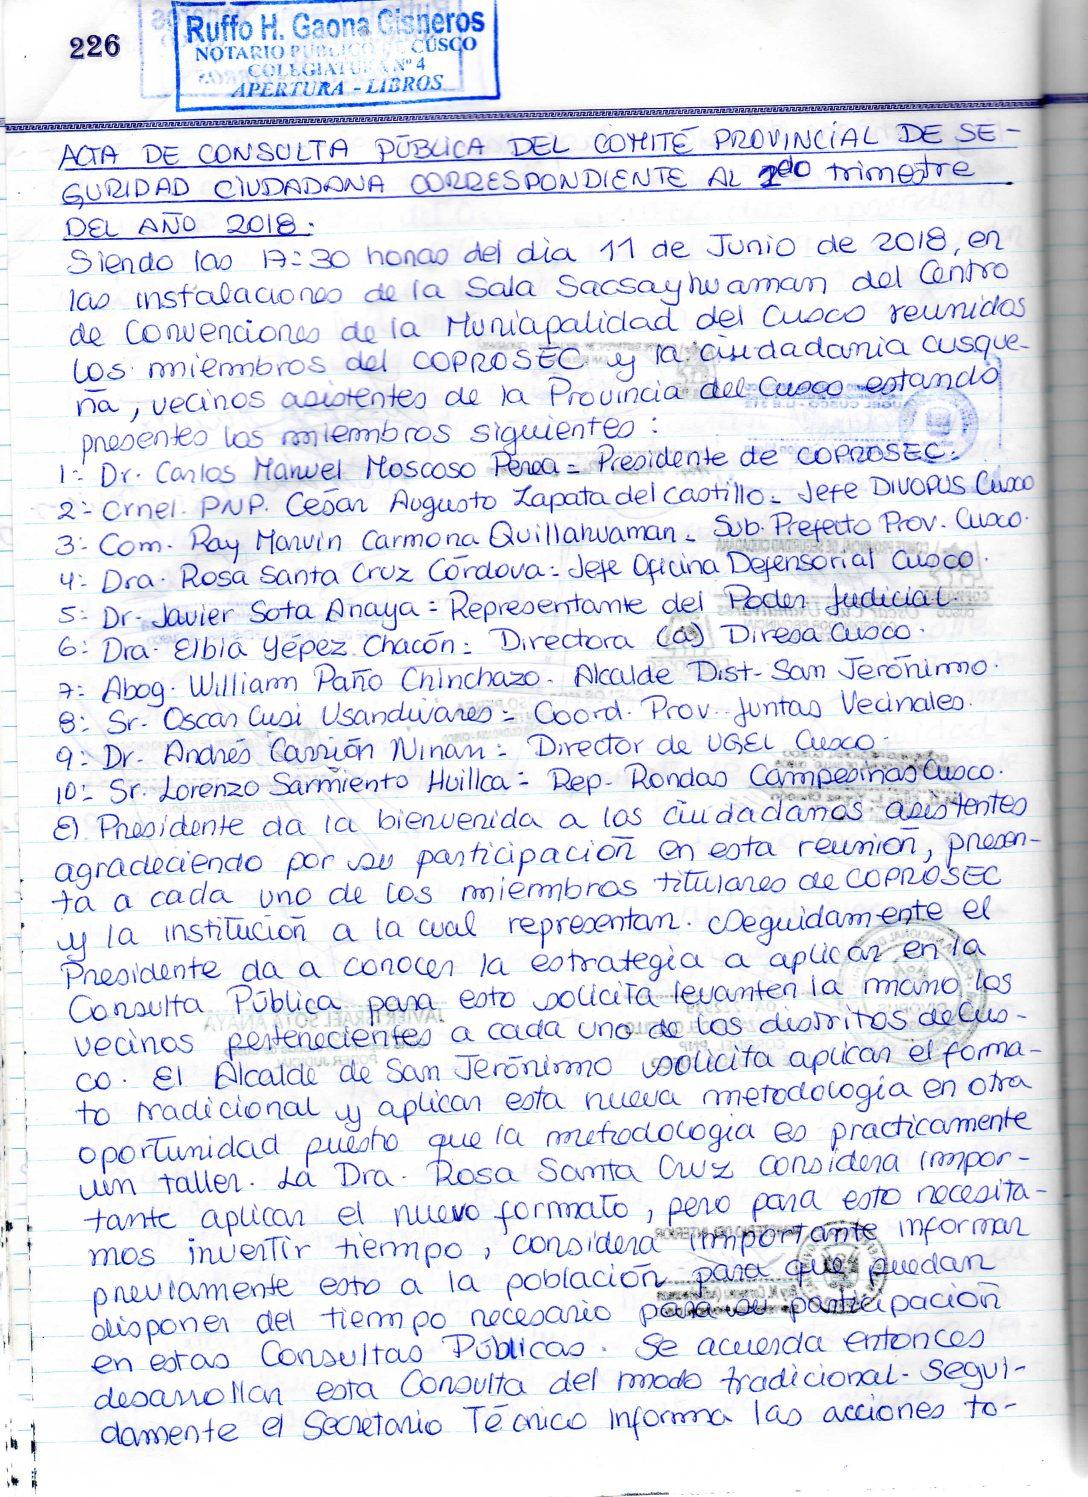 SEGUNDA CONSULTA PUBLICA COPROSEC CUSCO 2018